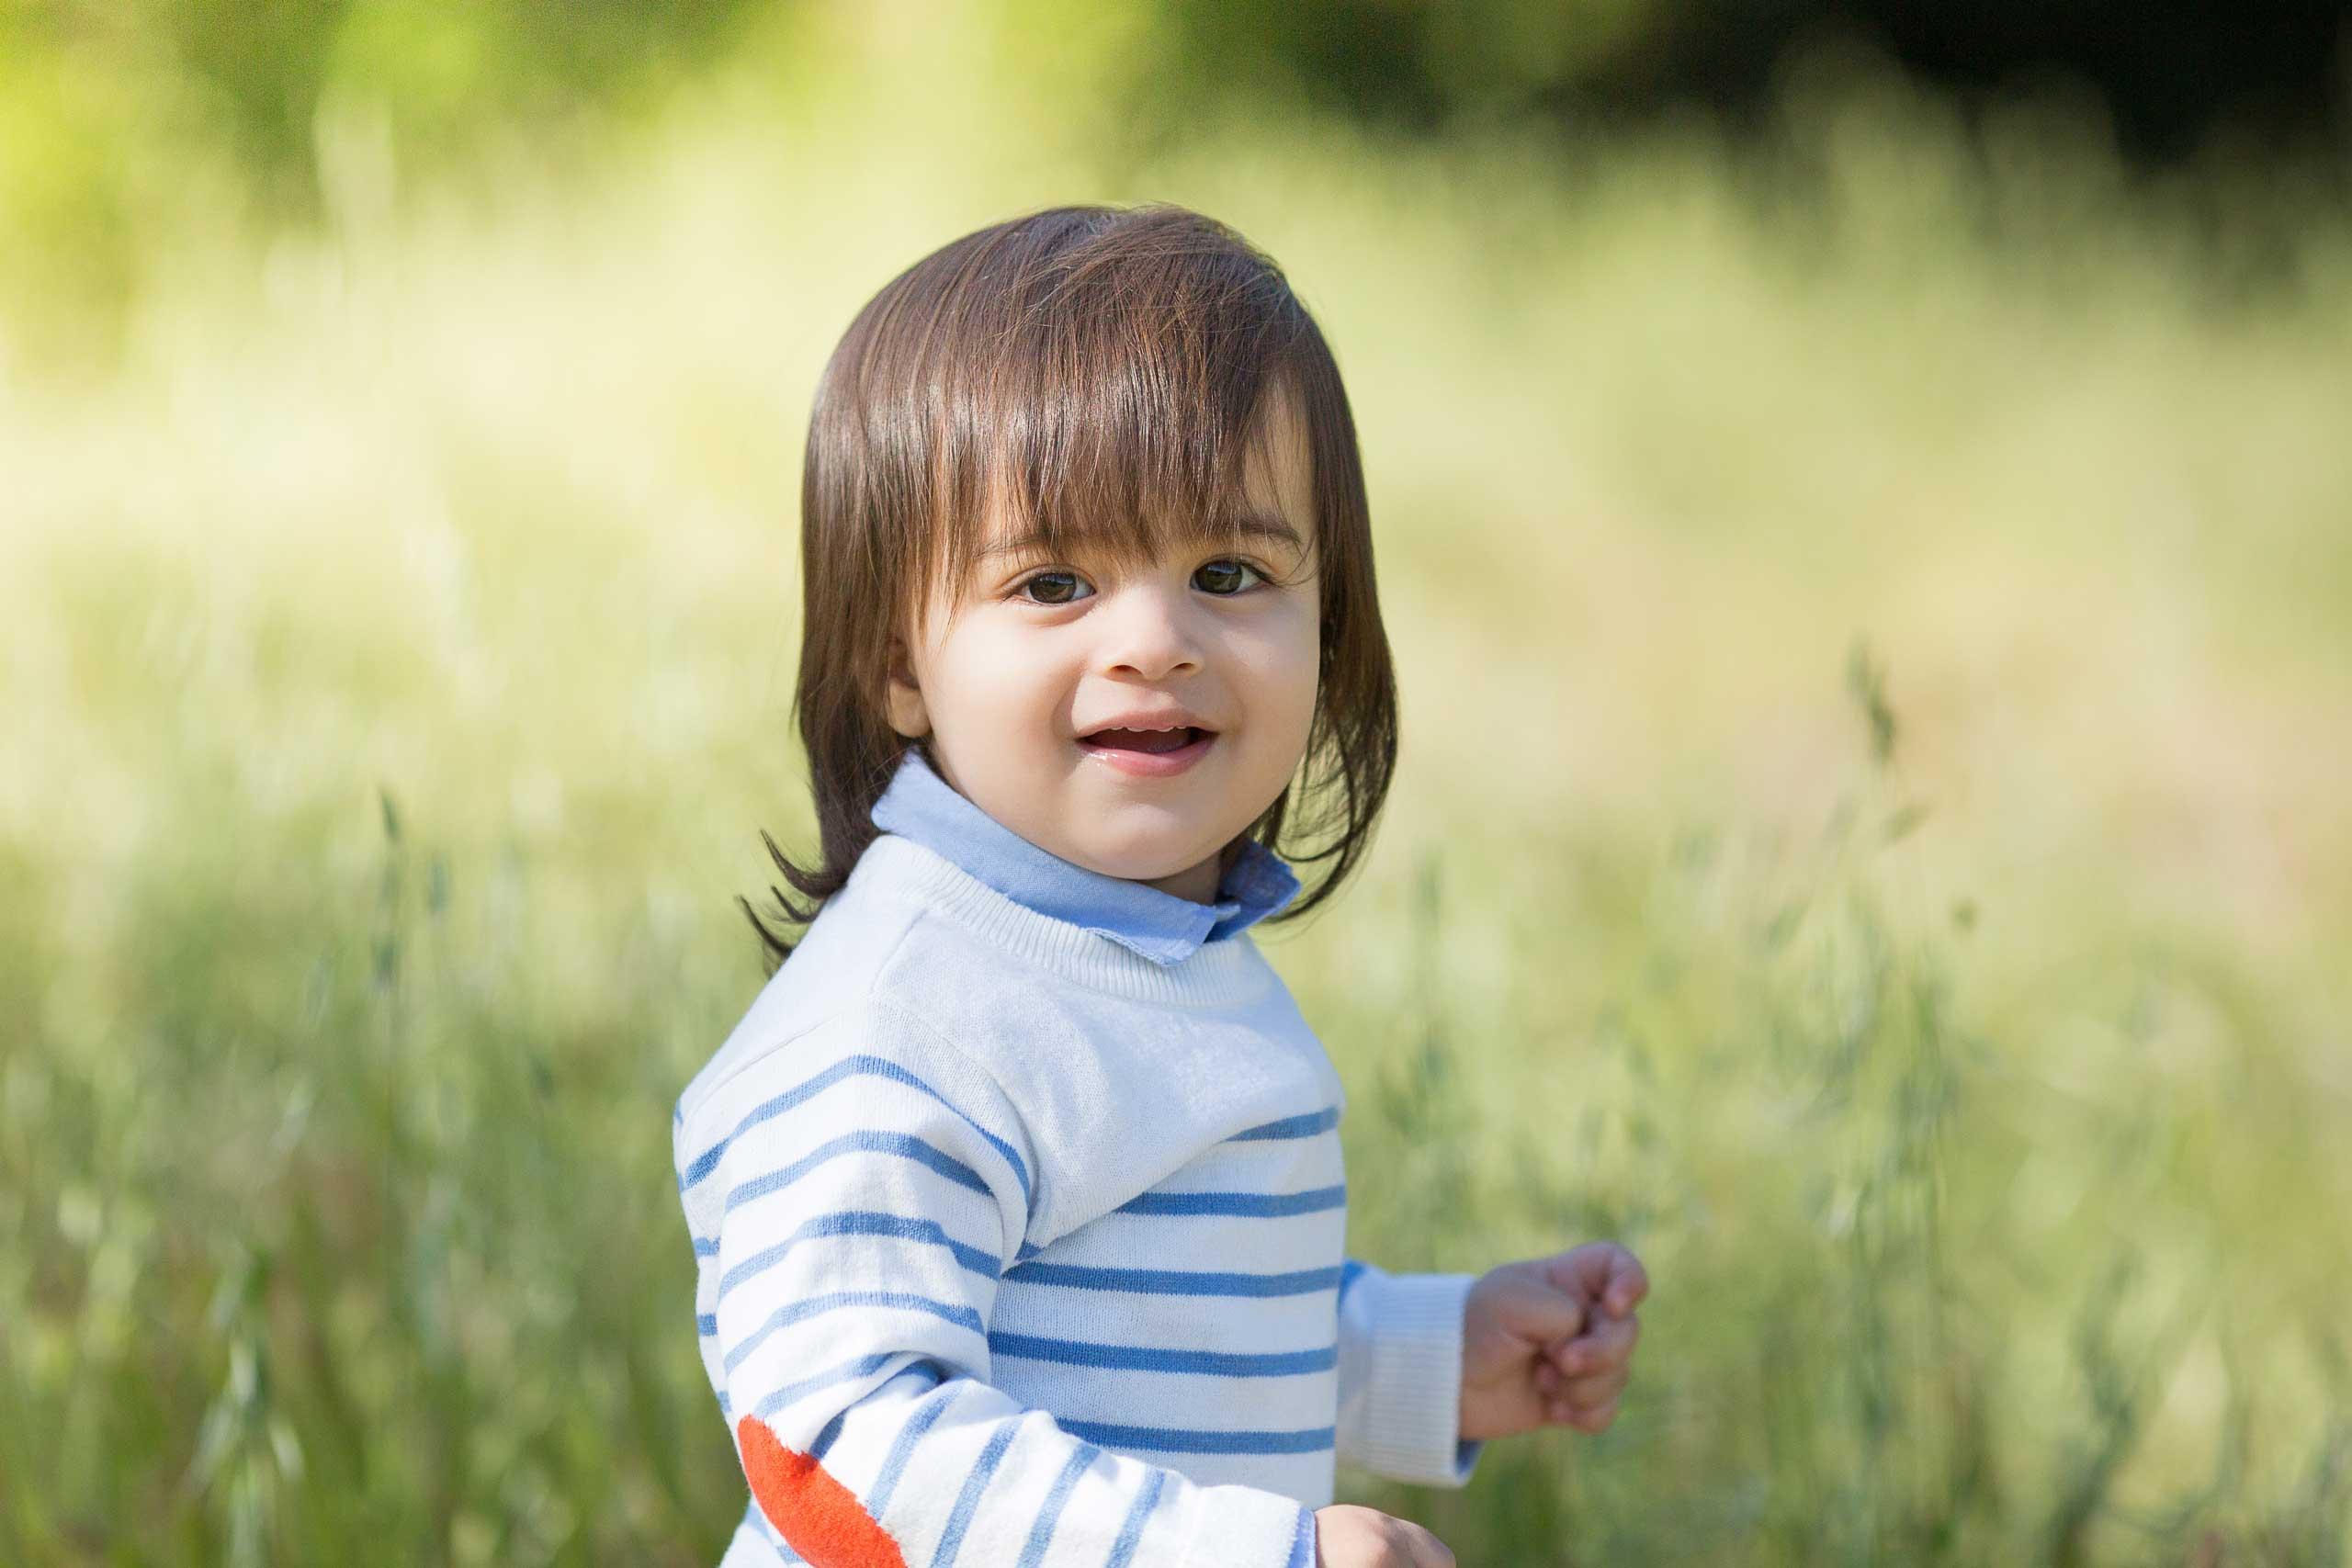 Ramina Magid photography family photography los angeles 643224